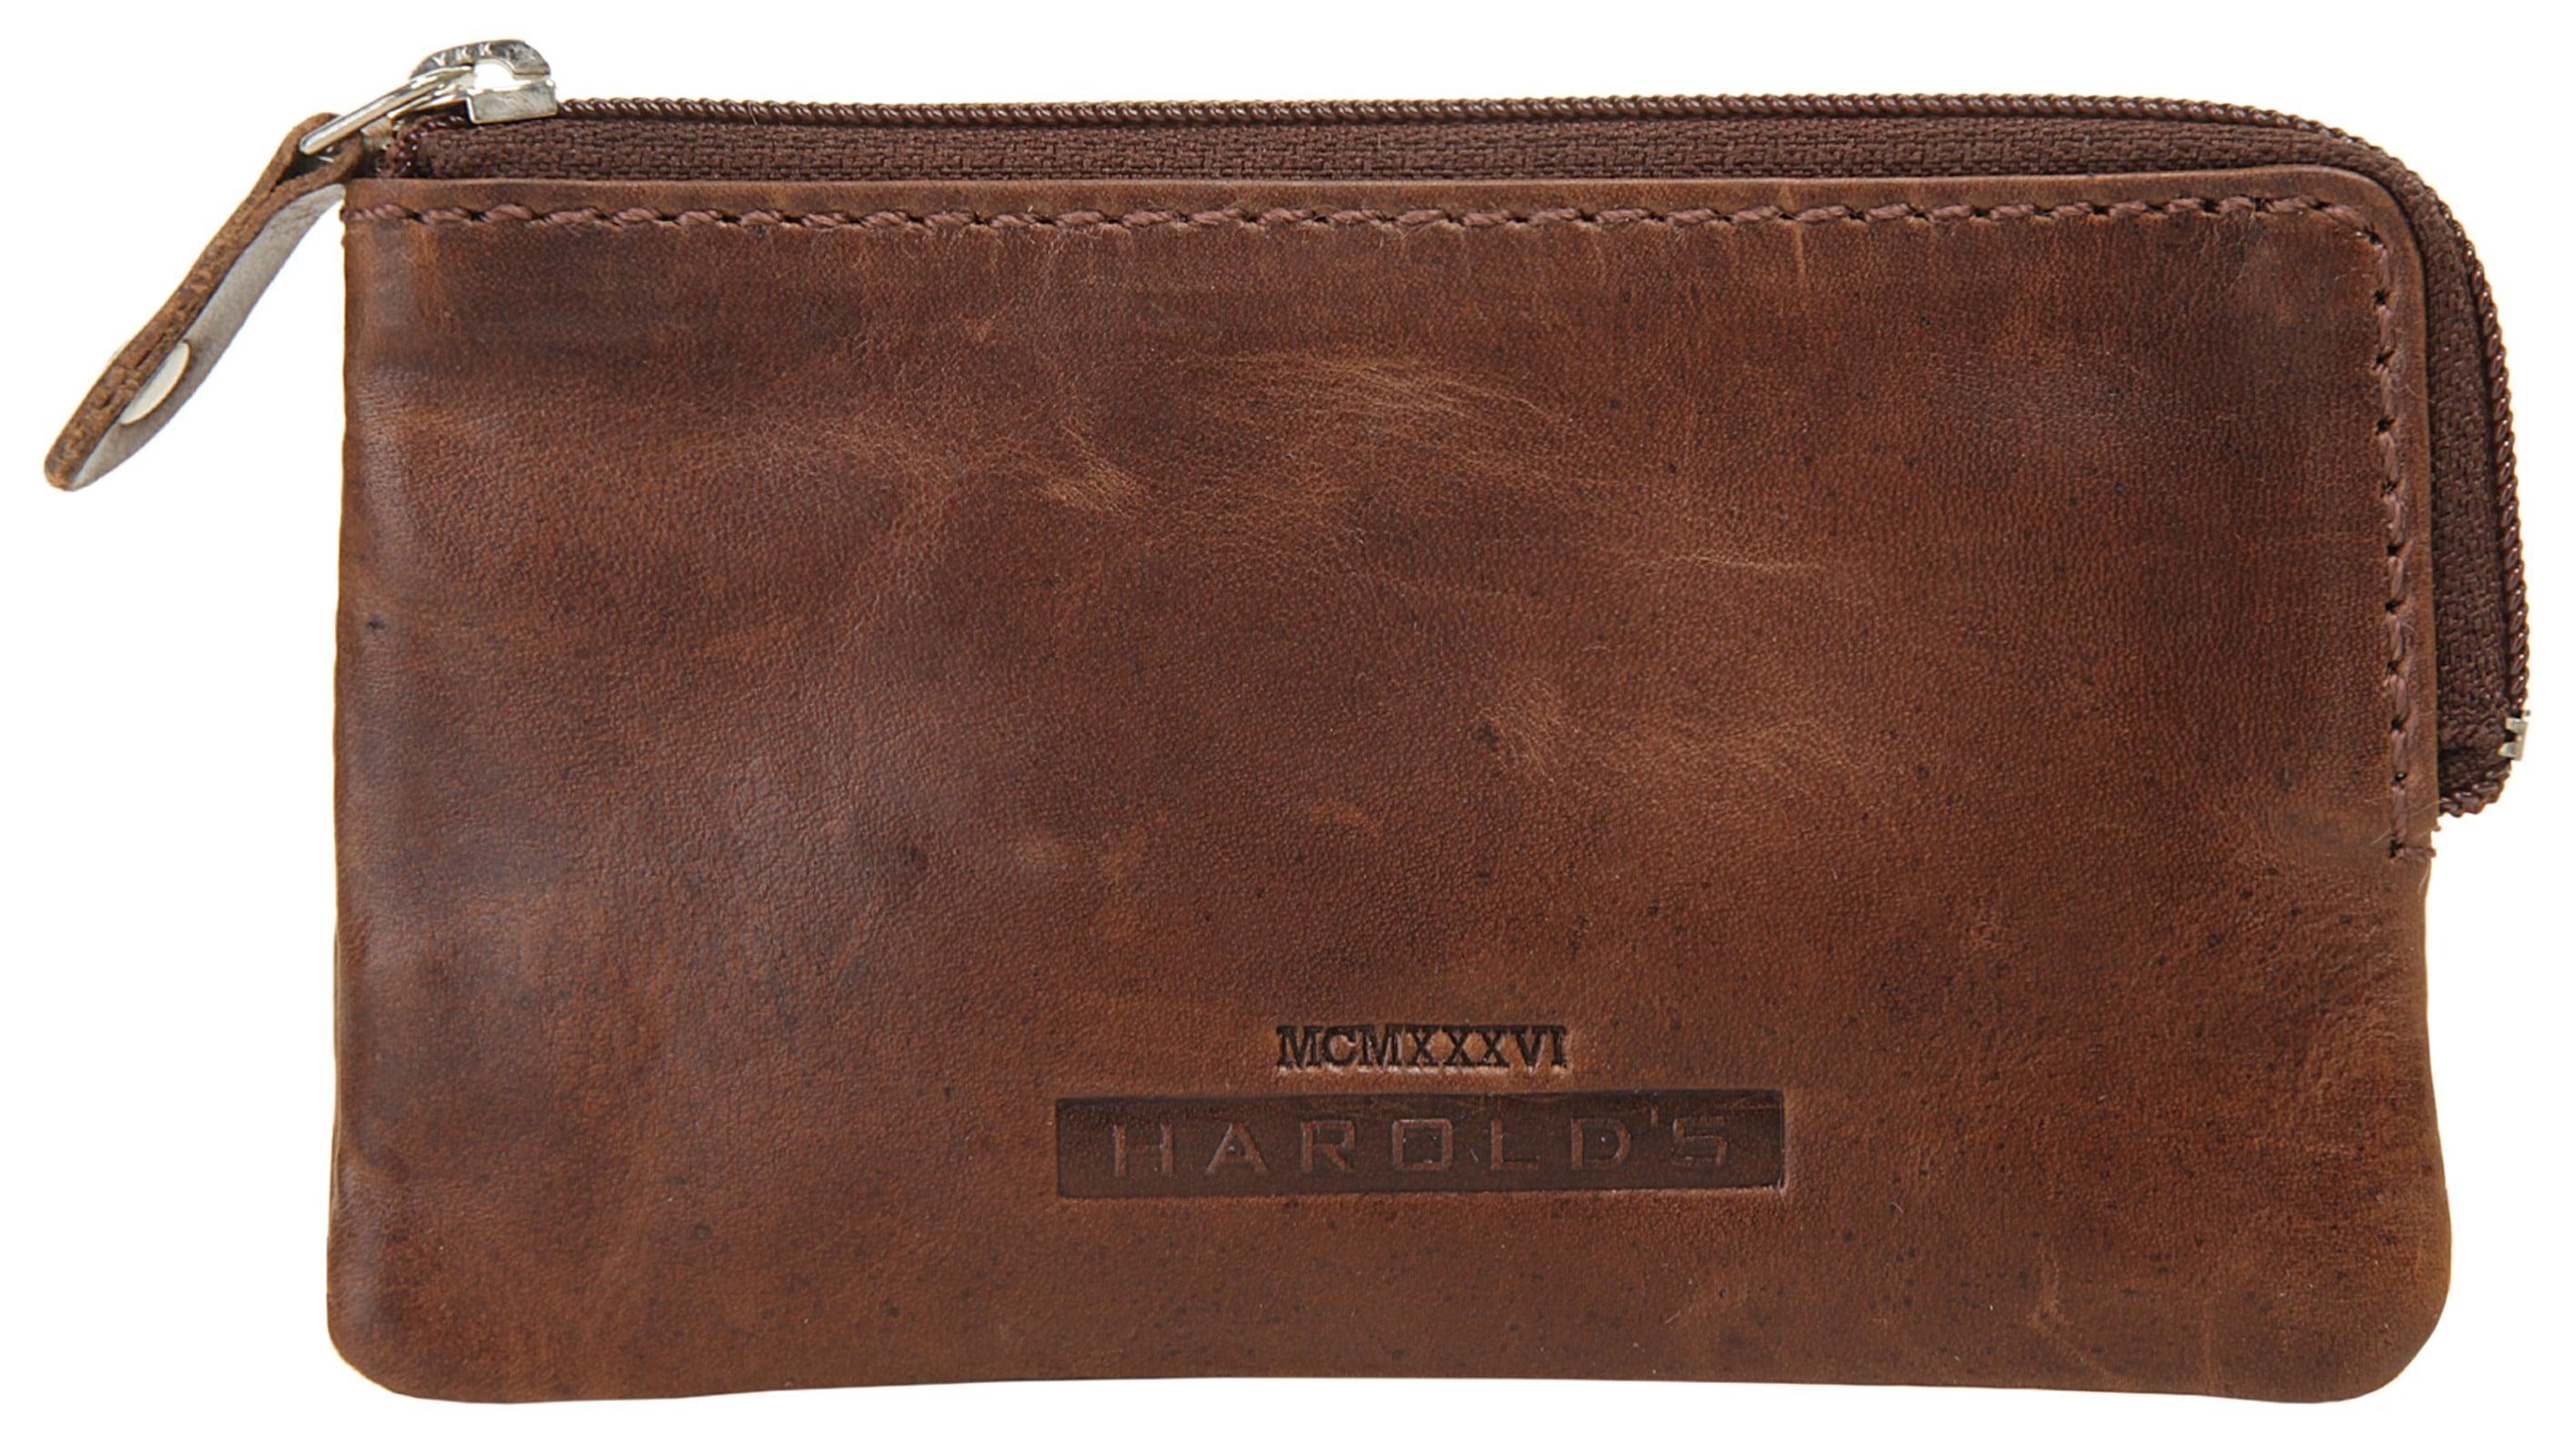 Harold's Schlüsseltasche SADDLE Damenmode/Schmuck & Accessoires/Taschen/Schlüsseltaschen